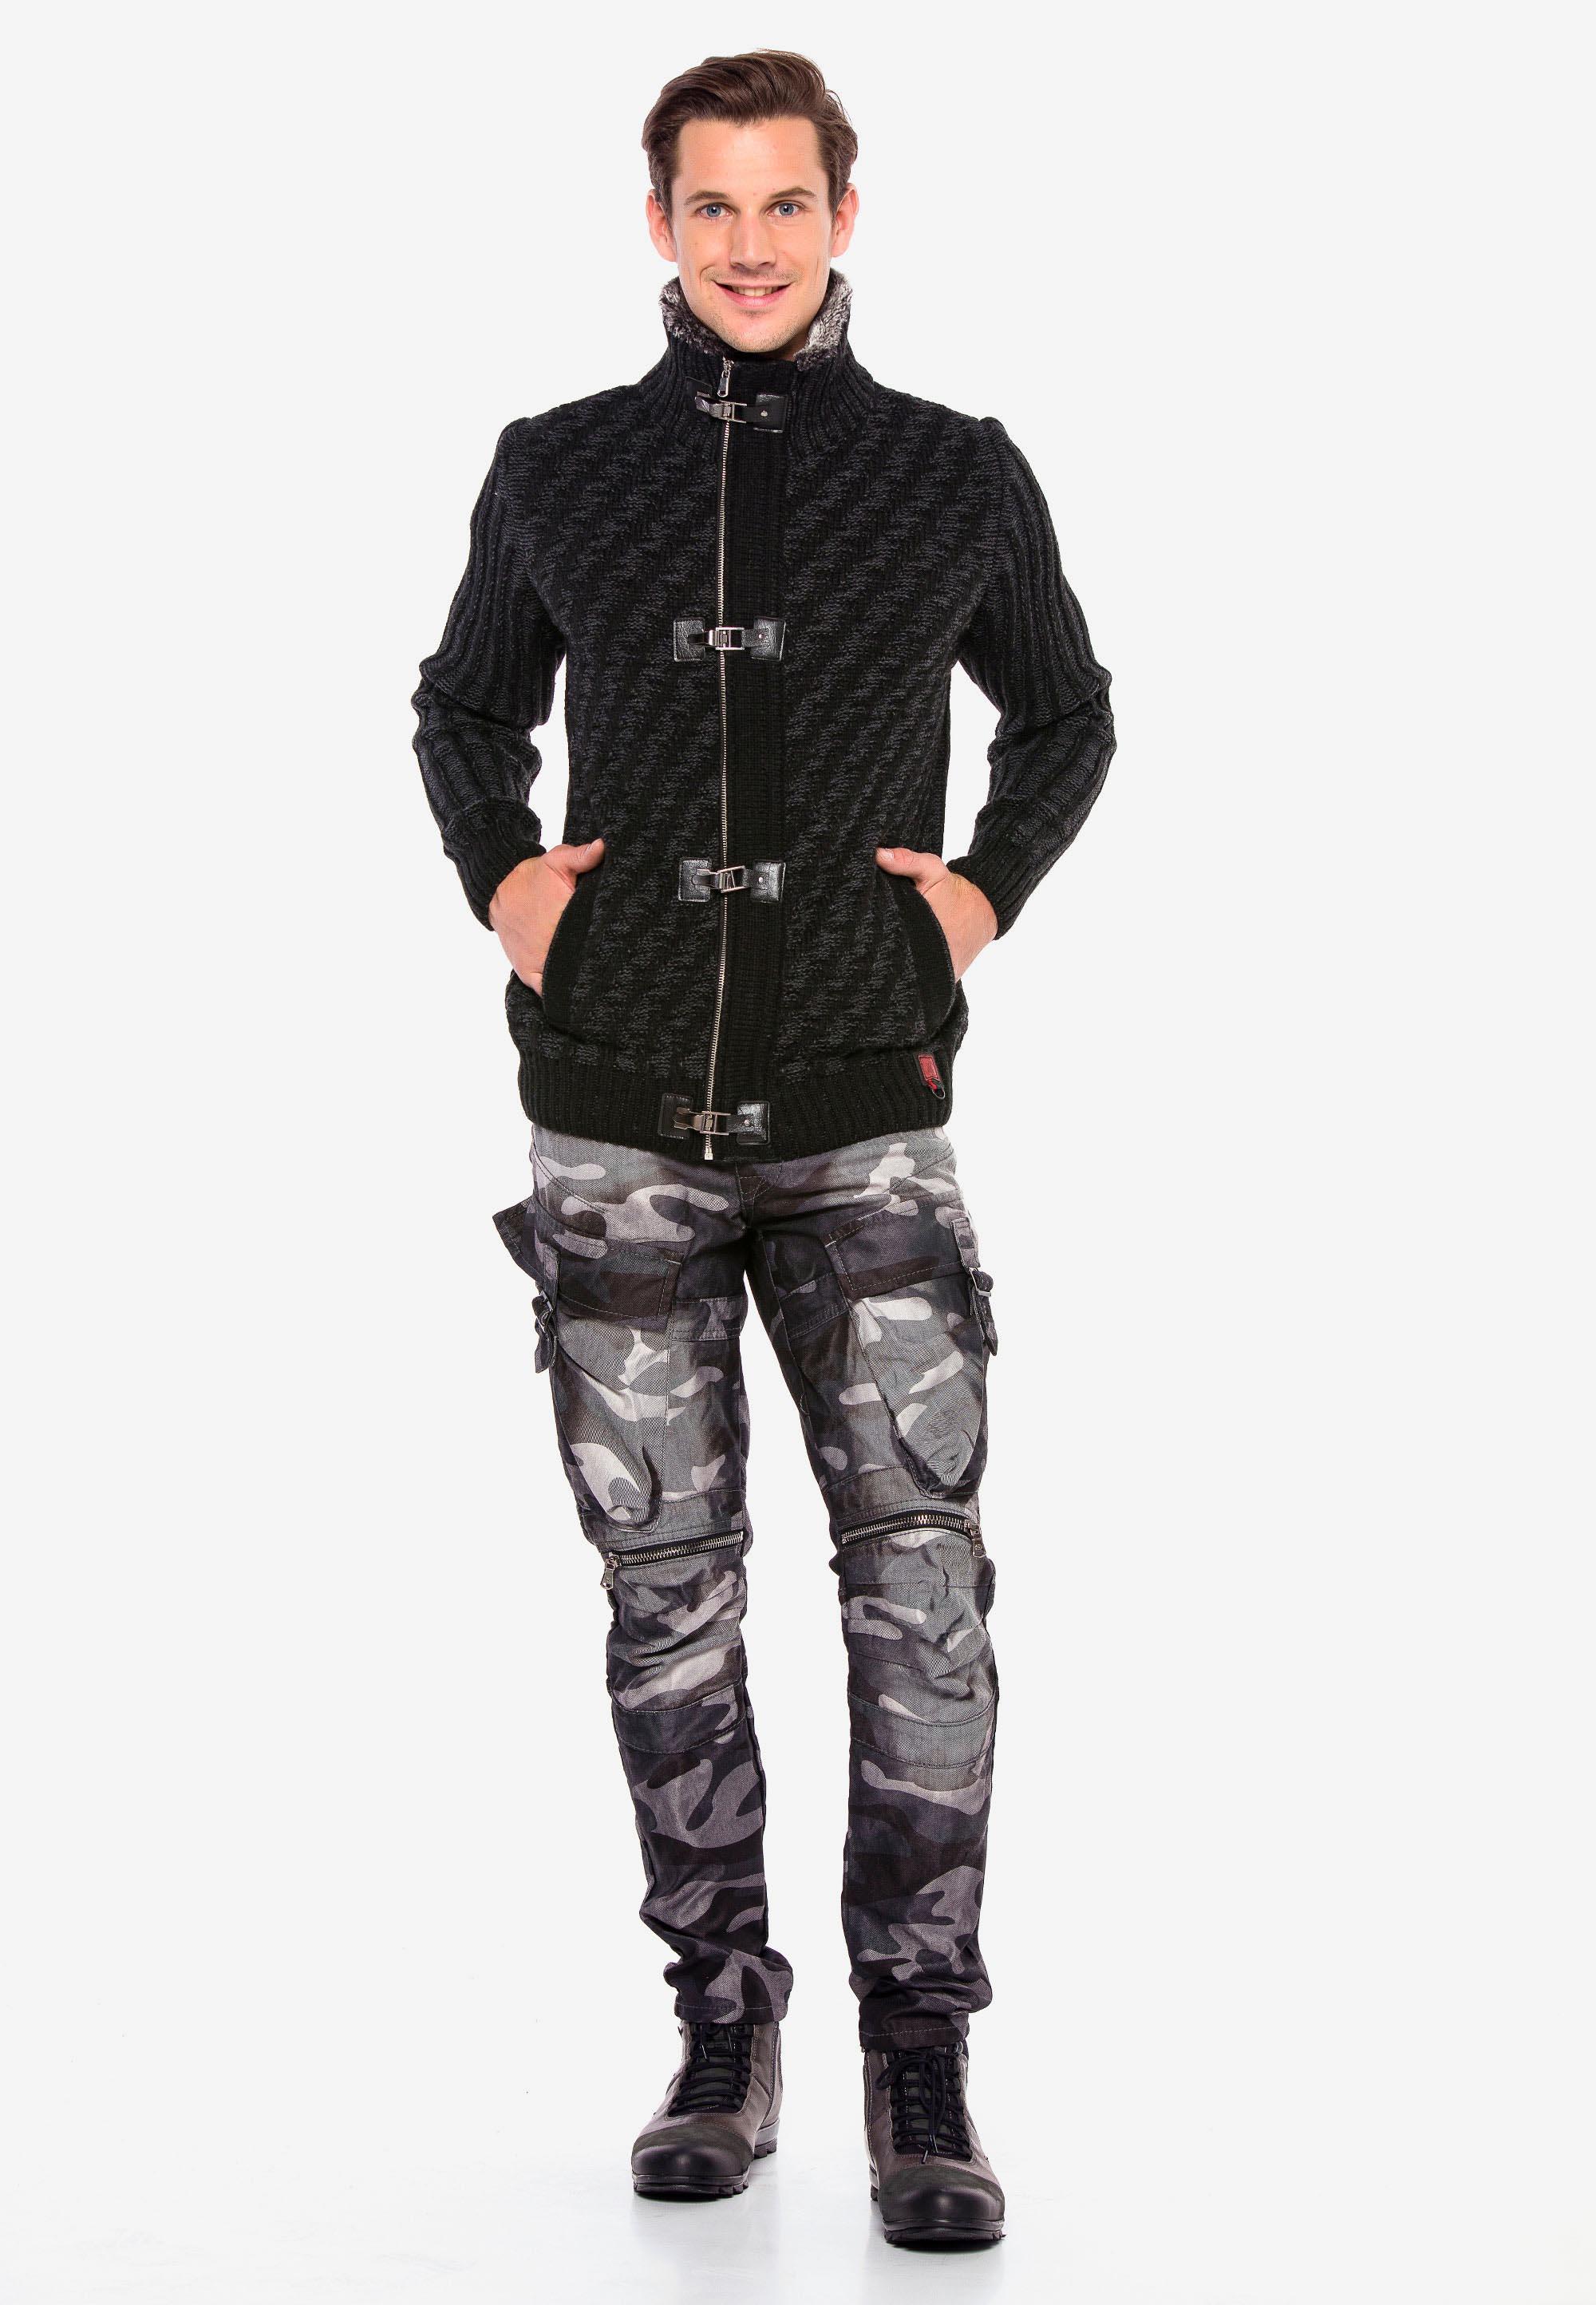 Cipo & Baxx Cargojeans Guardian in Anthrazit Camouflage günstig kaufen